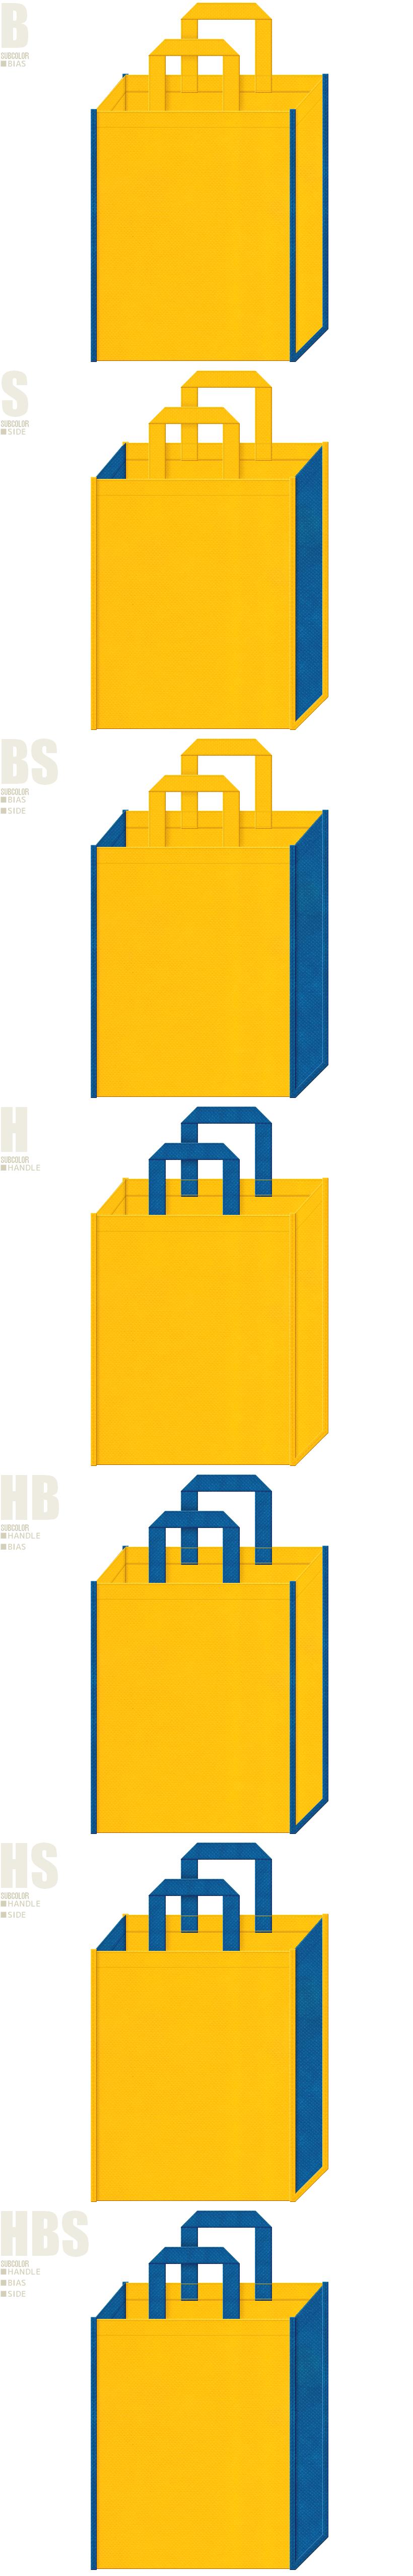 黄色と青色、7パターンの不織布トートバッグ配色デザイン例。おもちゃの展示会用バッグ、遊園地・テーマパークのバッグノベルティ